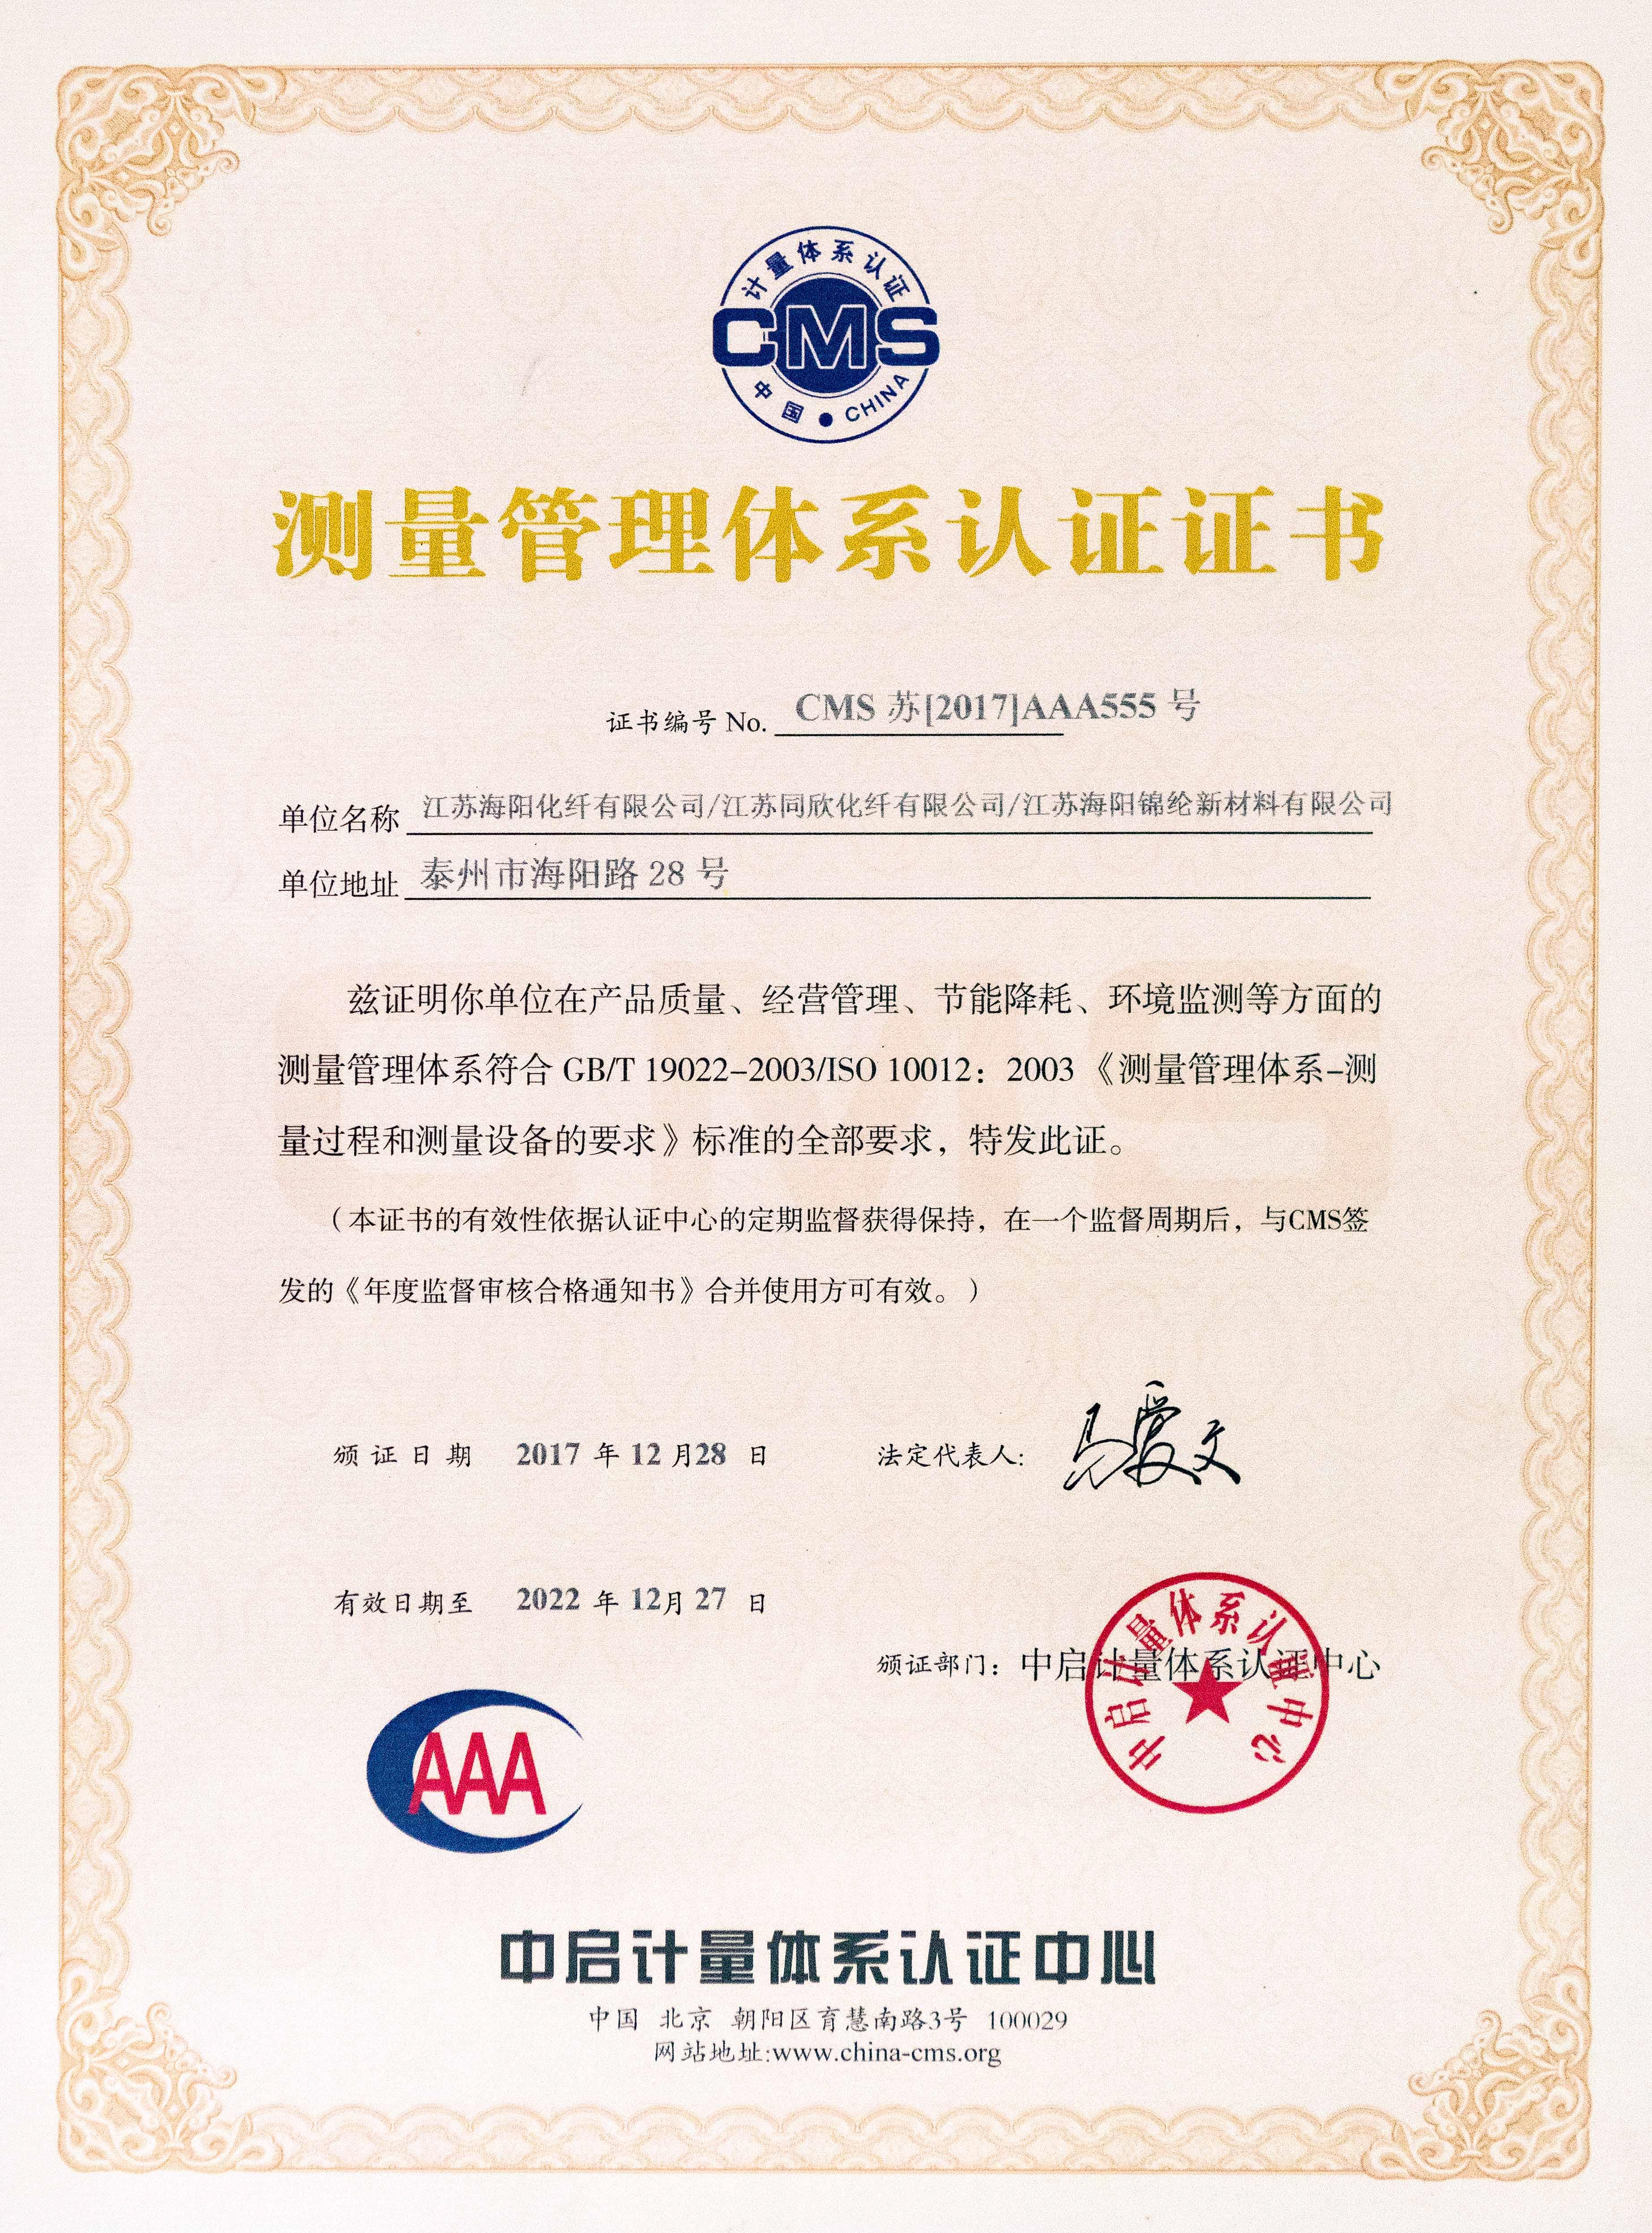 测量管理体系证书-秋雪荣誉